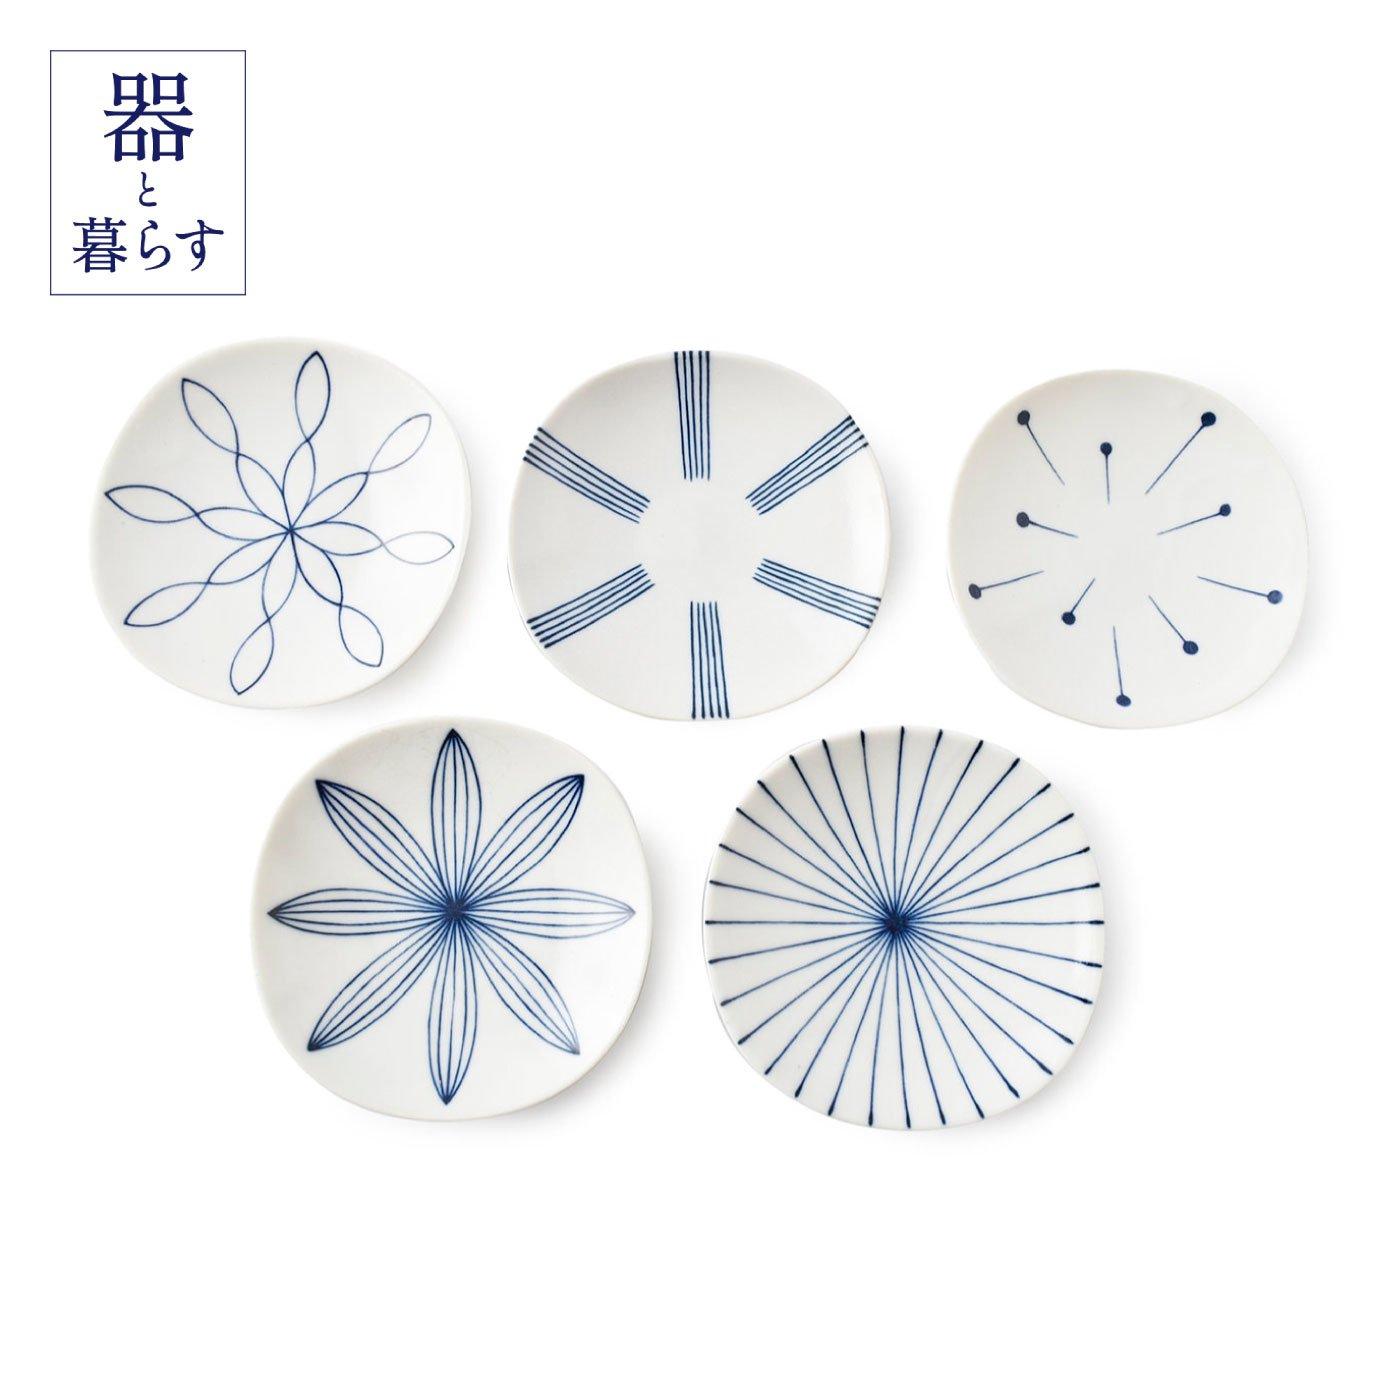 テーブルに笑顔の花咲く 平成小紋 小皿 5枚セット